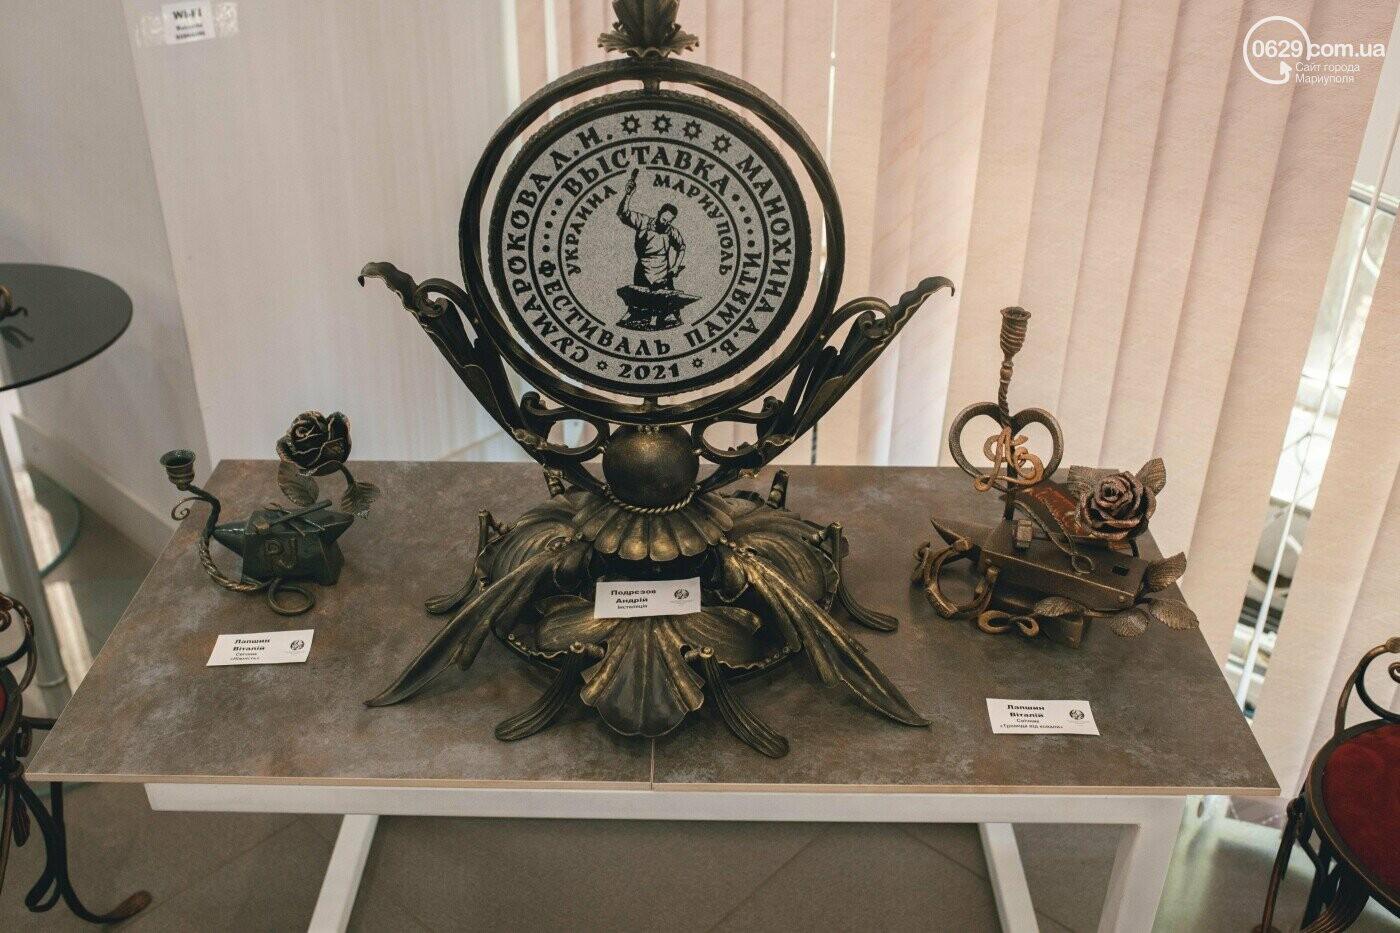 Ковані черепи, пірати та пальми. У Маріуполі відкрилася нова виставка, - ФОТО , фото-5